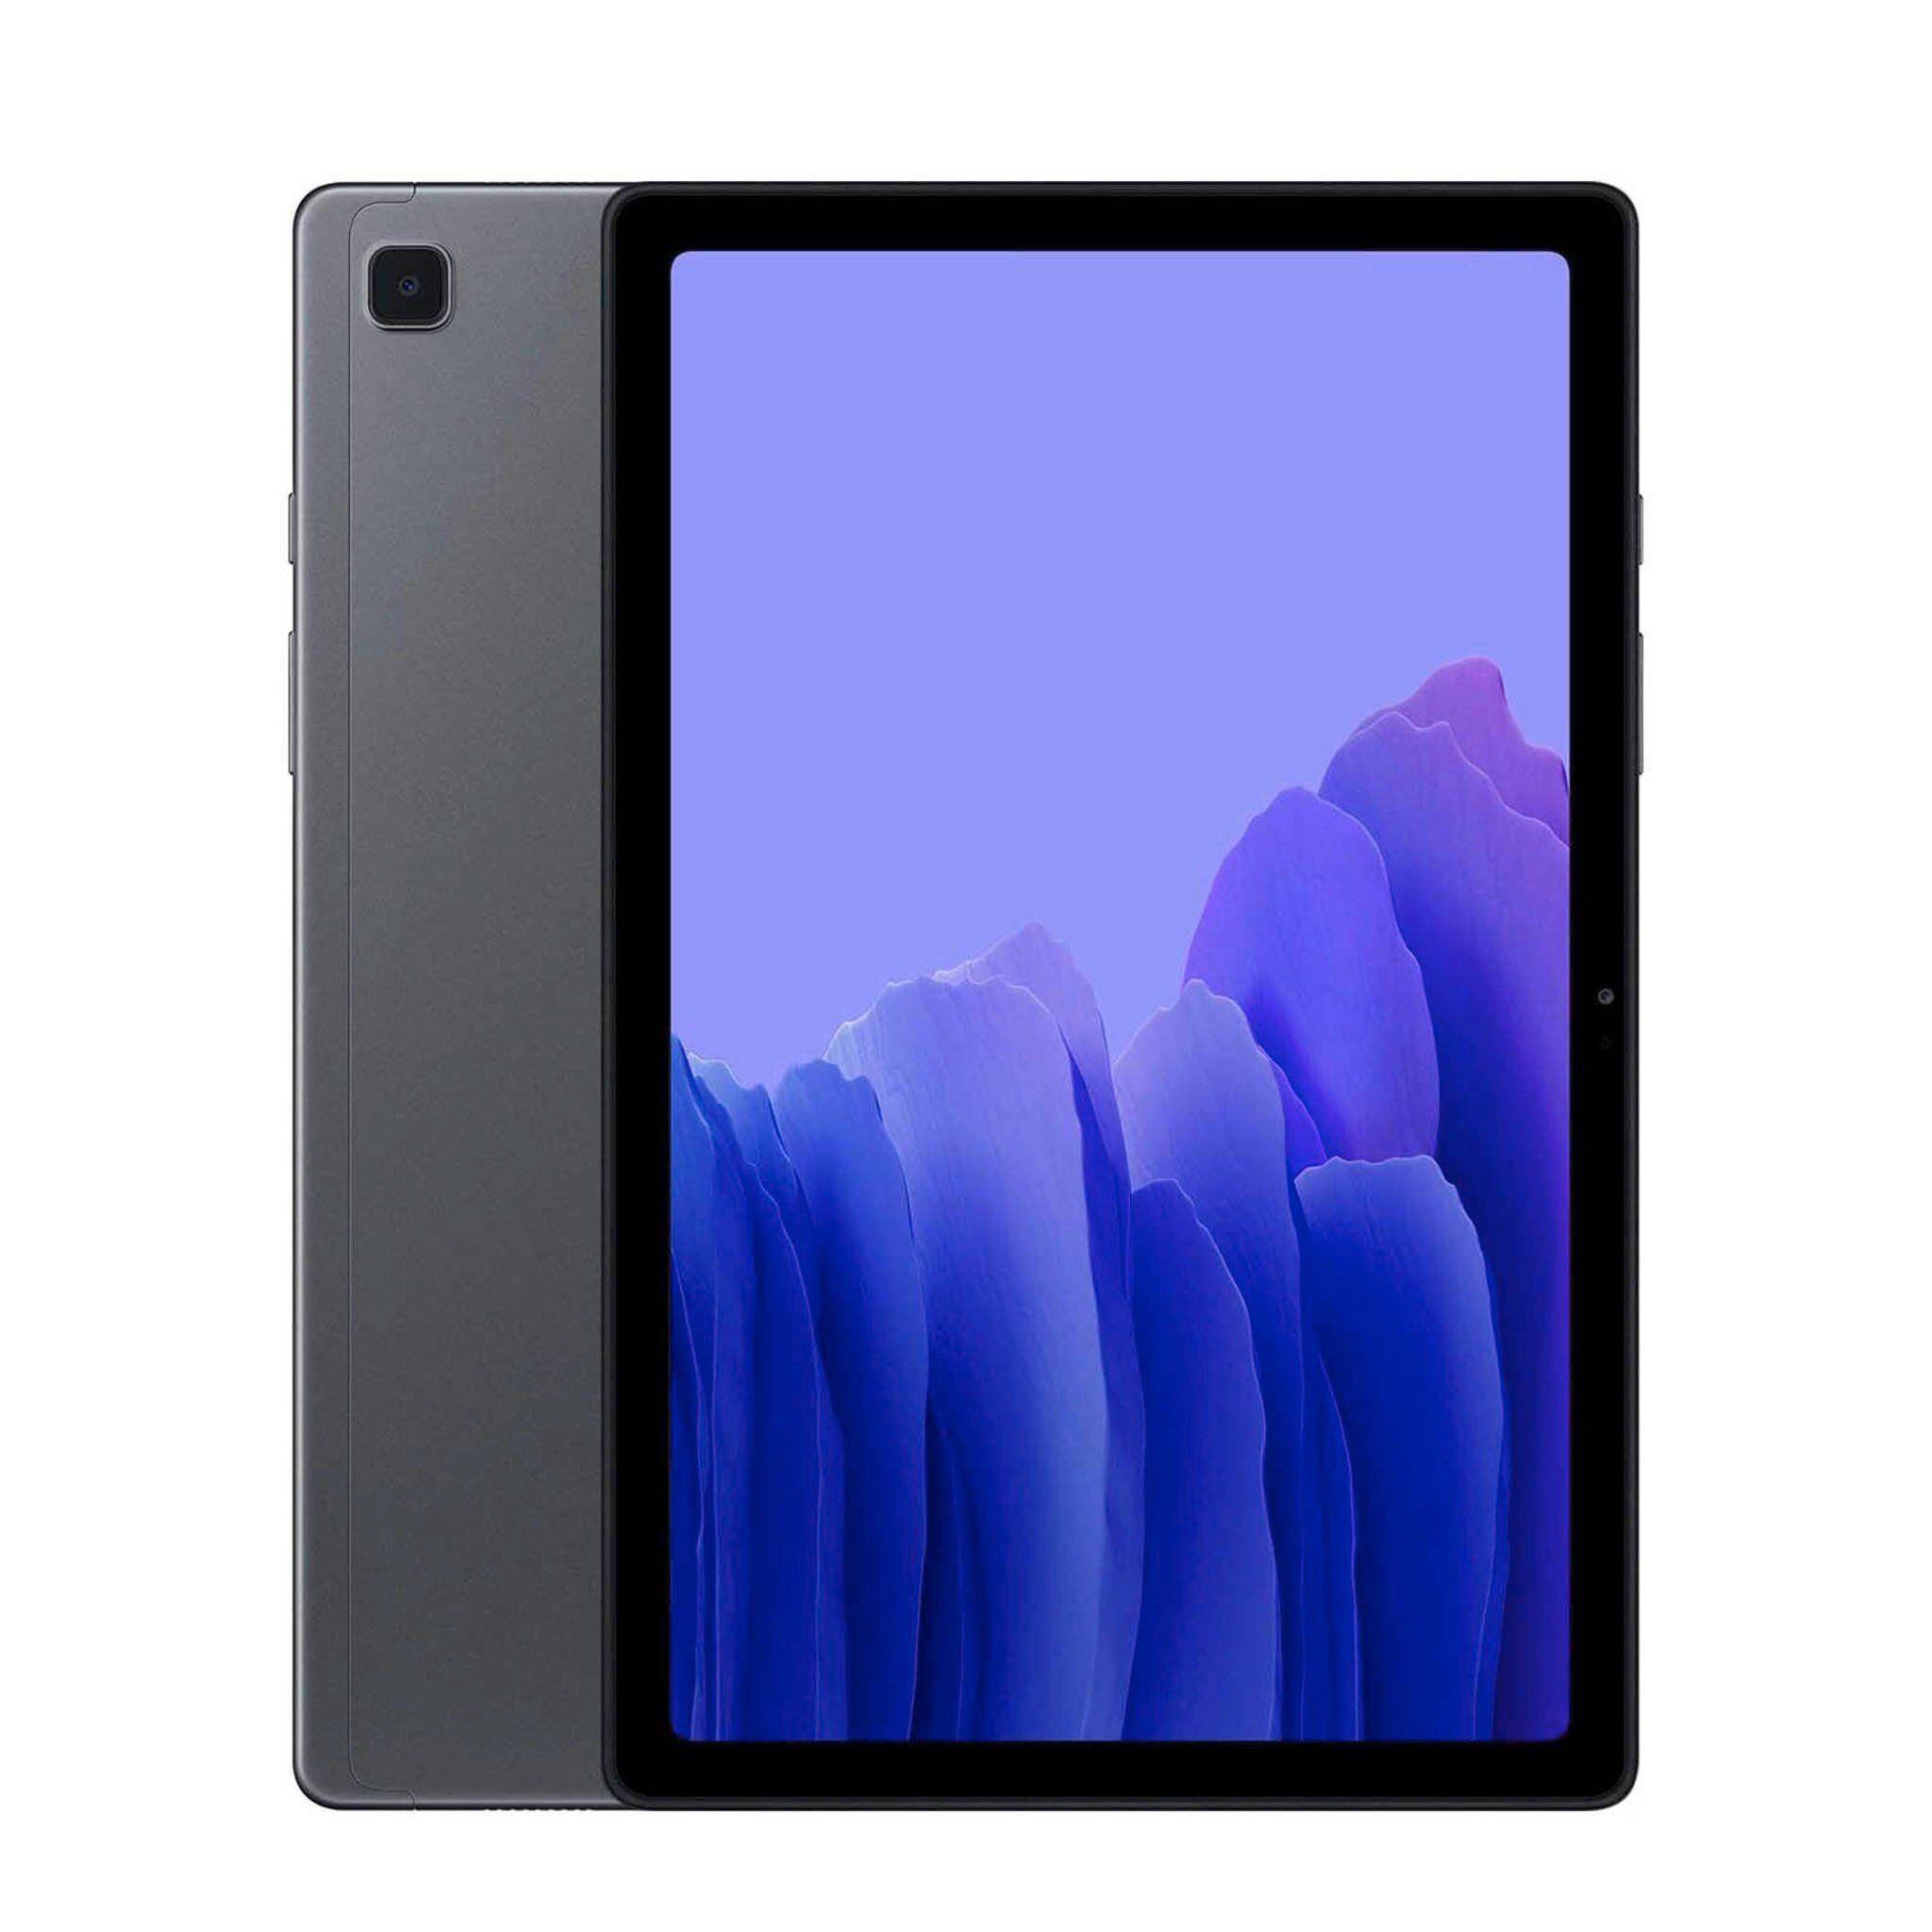 Samsung Tablet Samsung Galaxy Tab A7 Lite T220N 8.7 WiFi 32GB - Grey